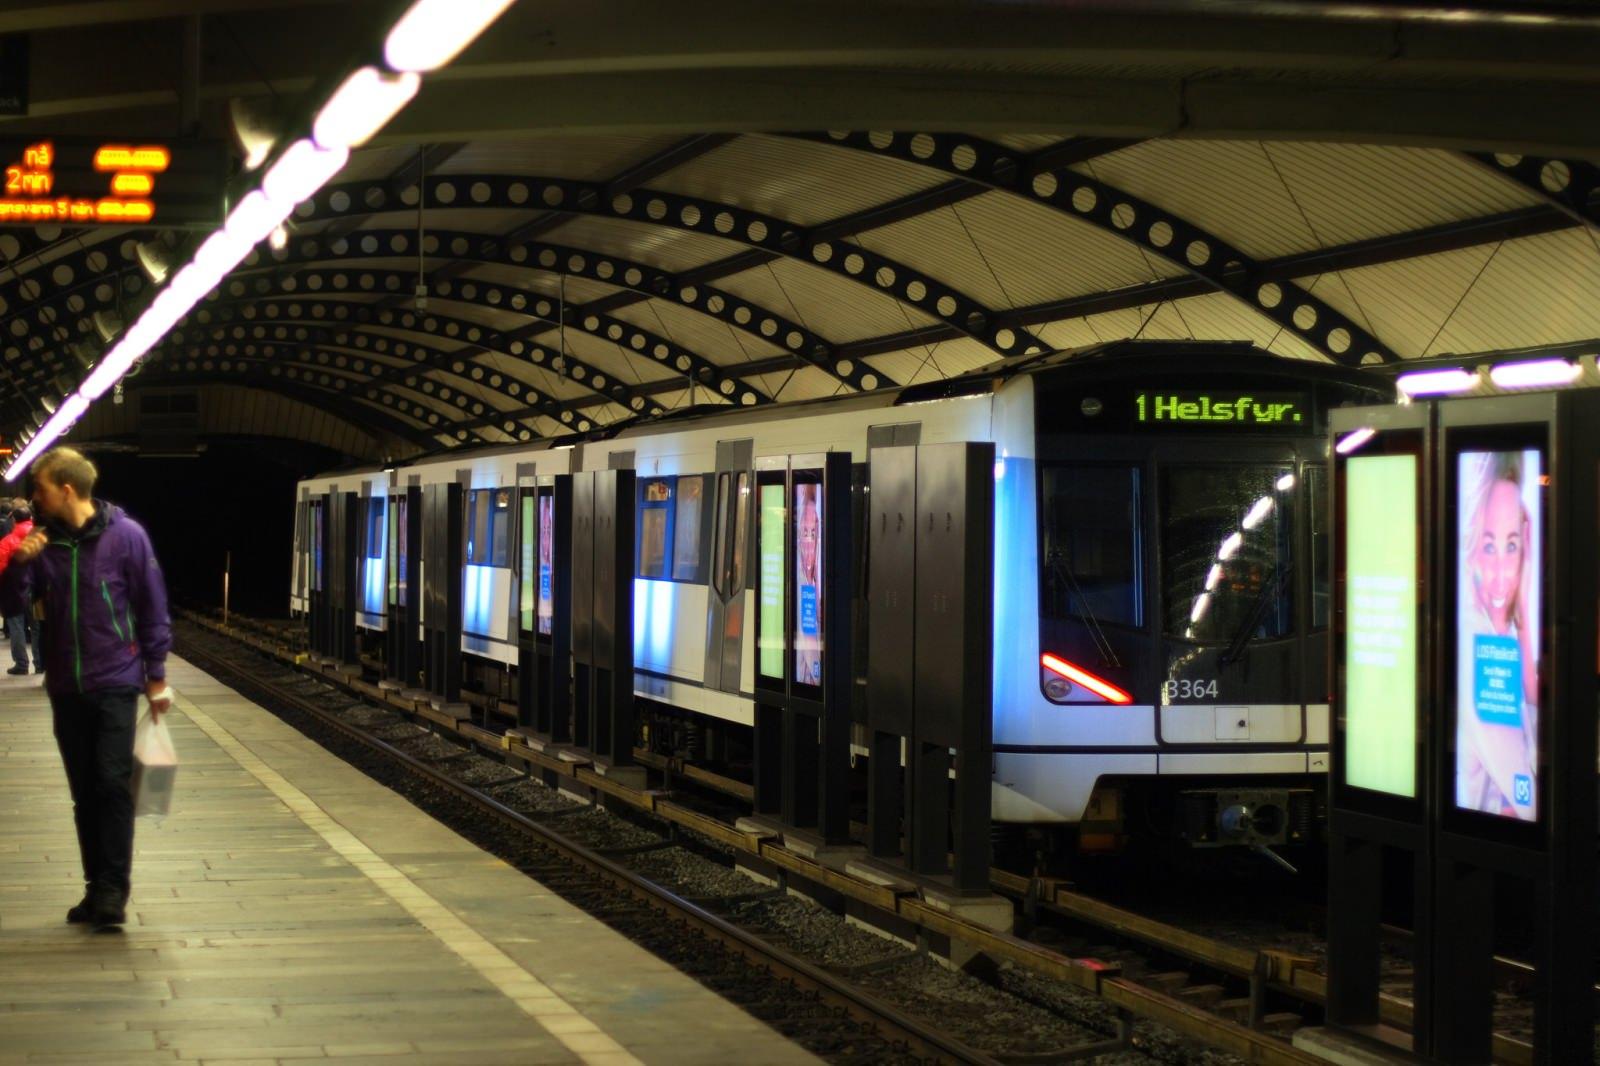 Metro Oslo U-Bahn MX3000 T-banen